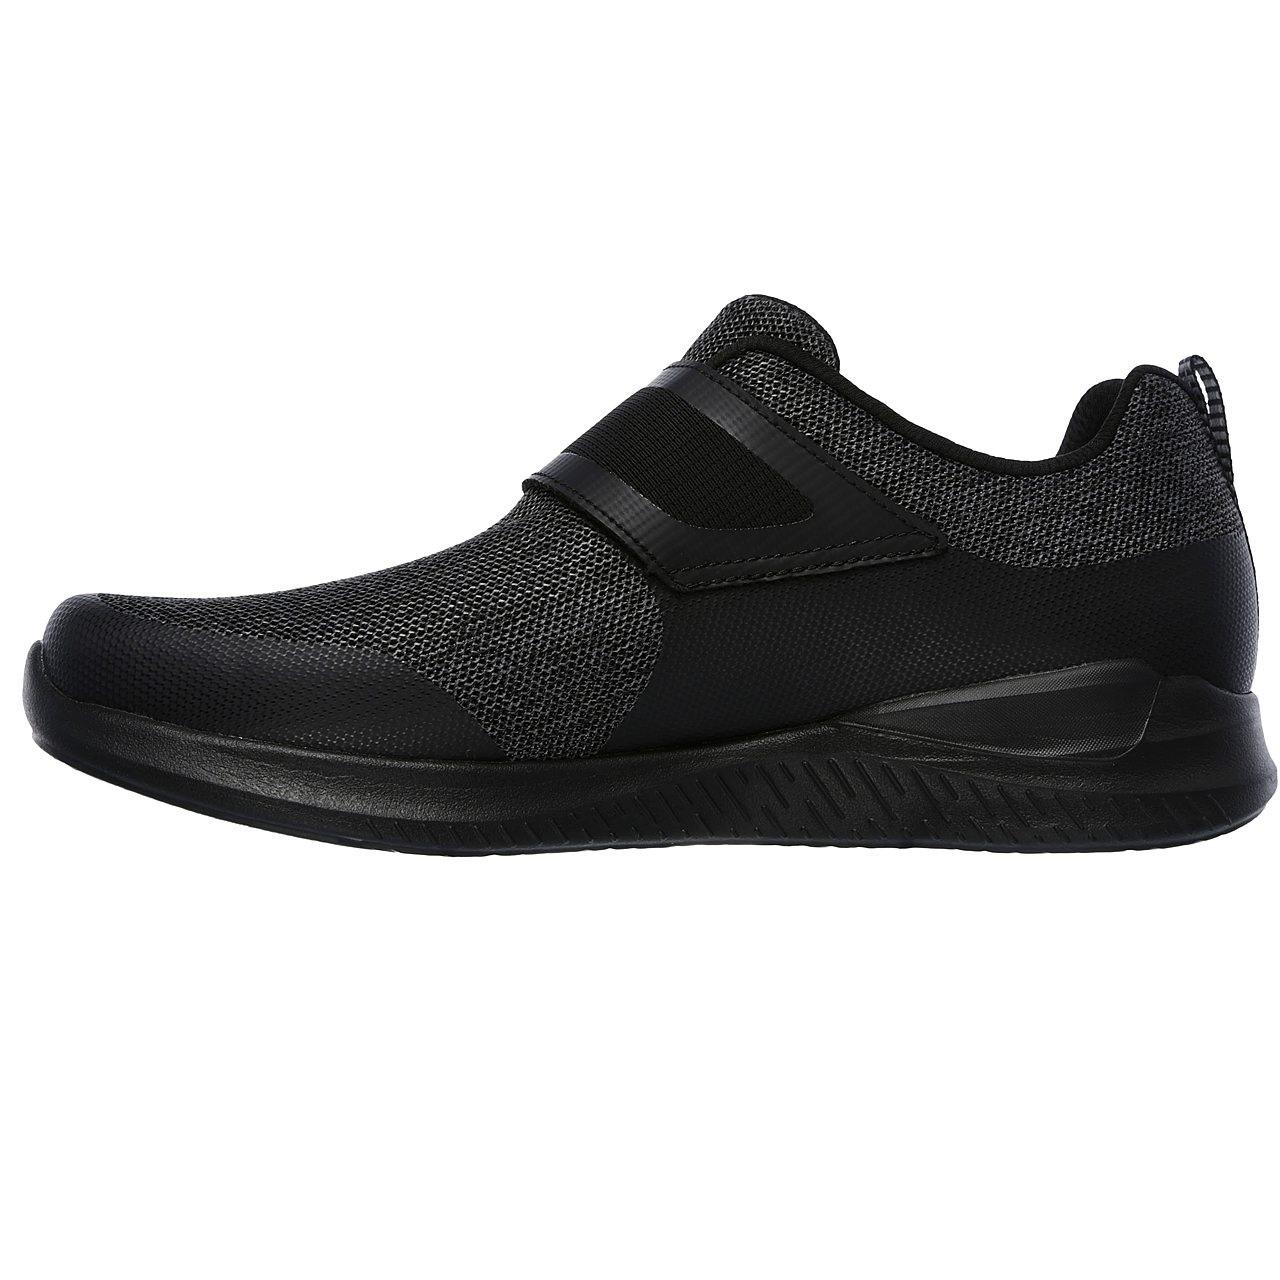 قیمت کفش مخصوص پیاده روی مردانه اسکچرز مدل 52660bbk